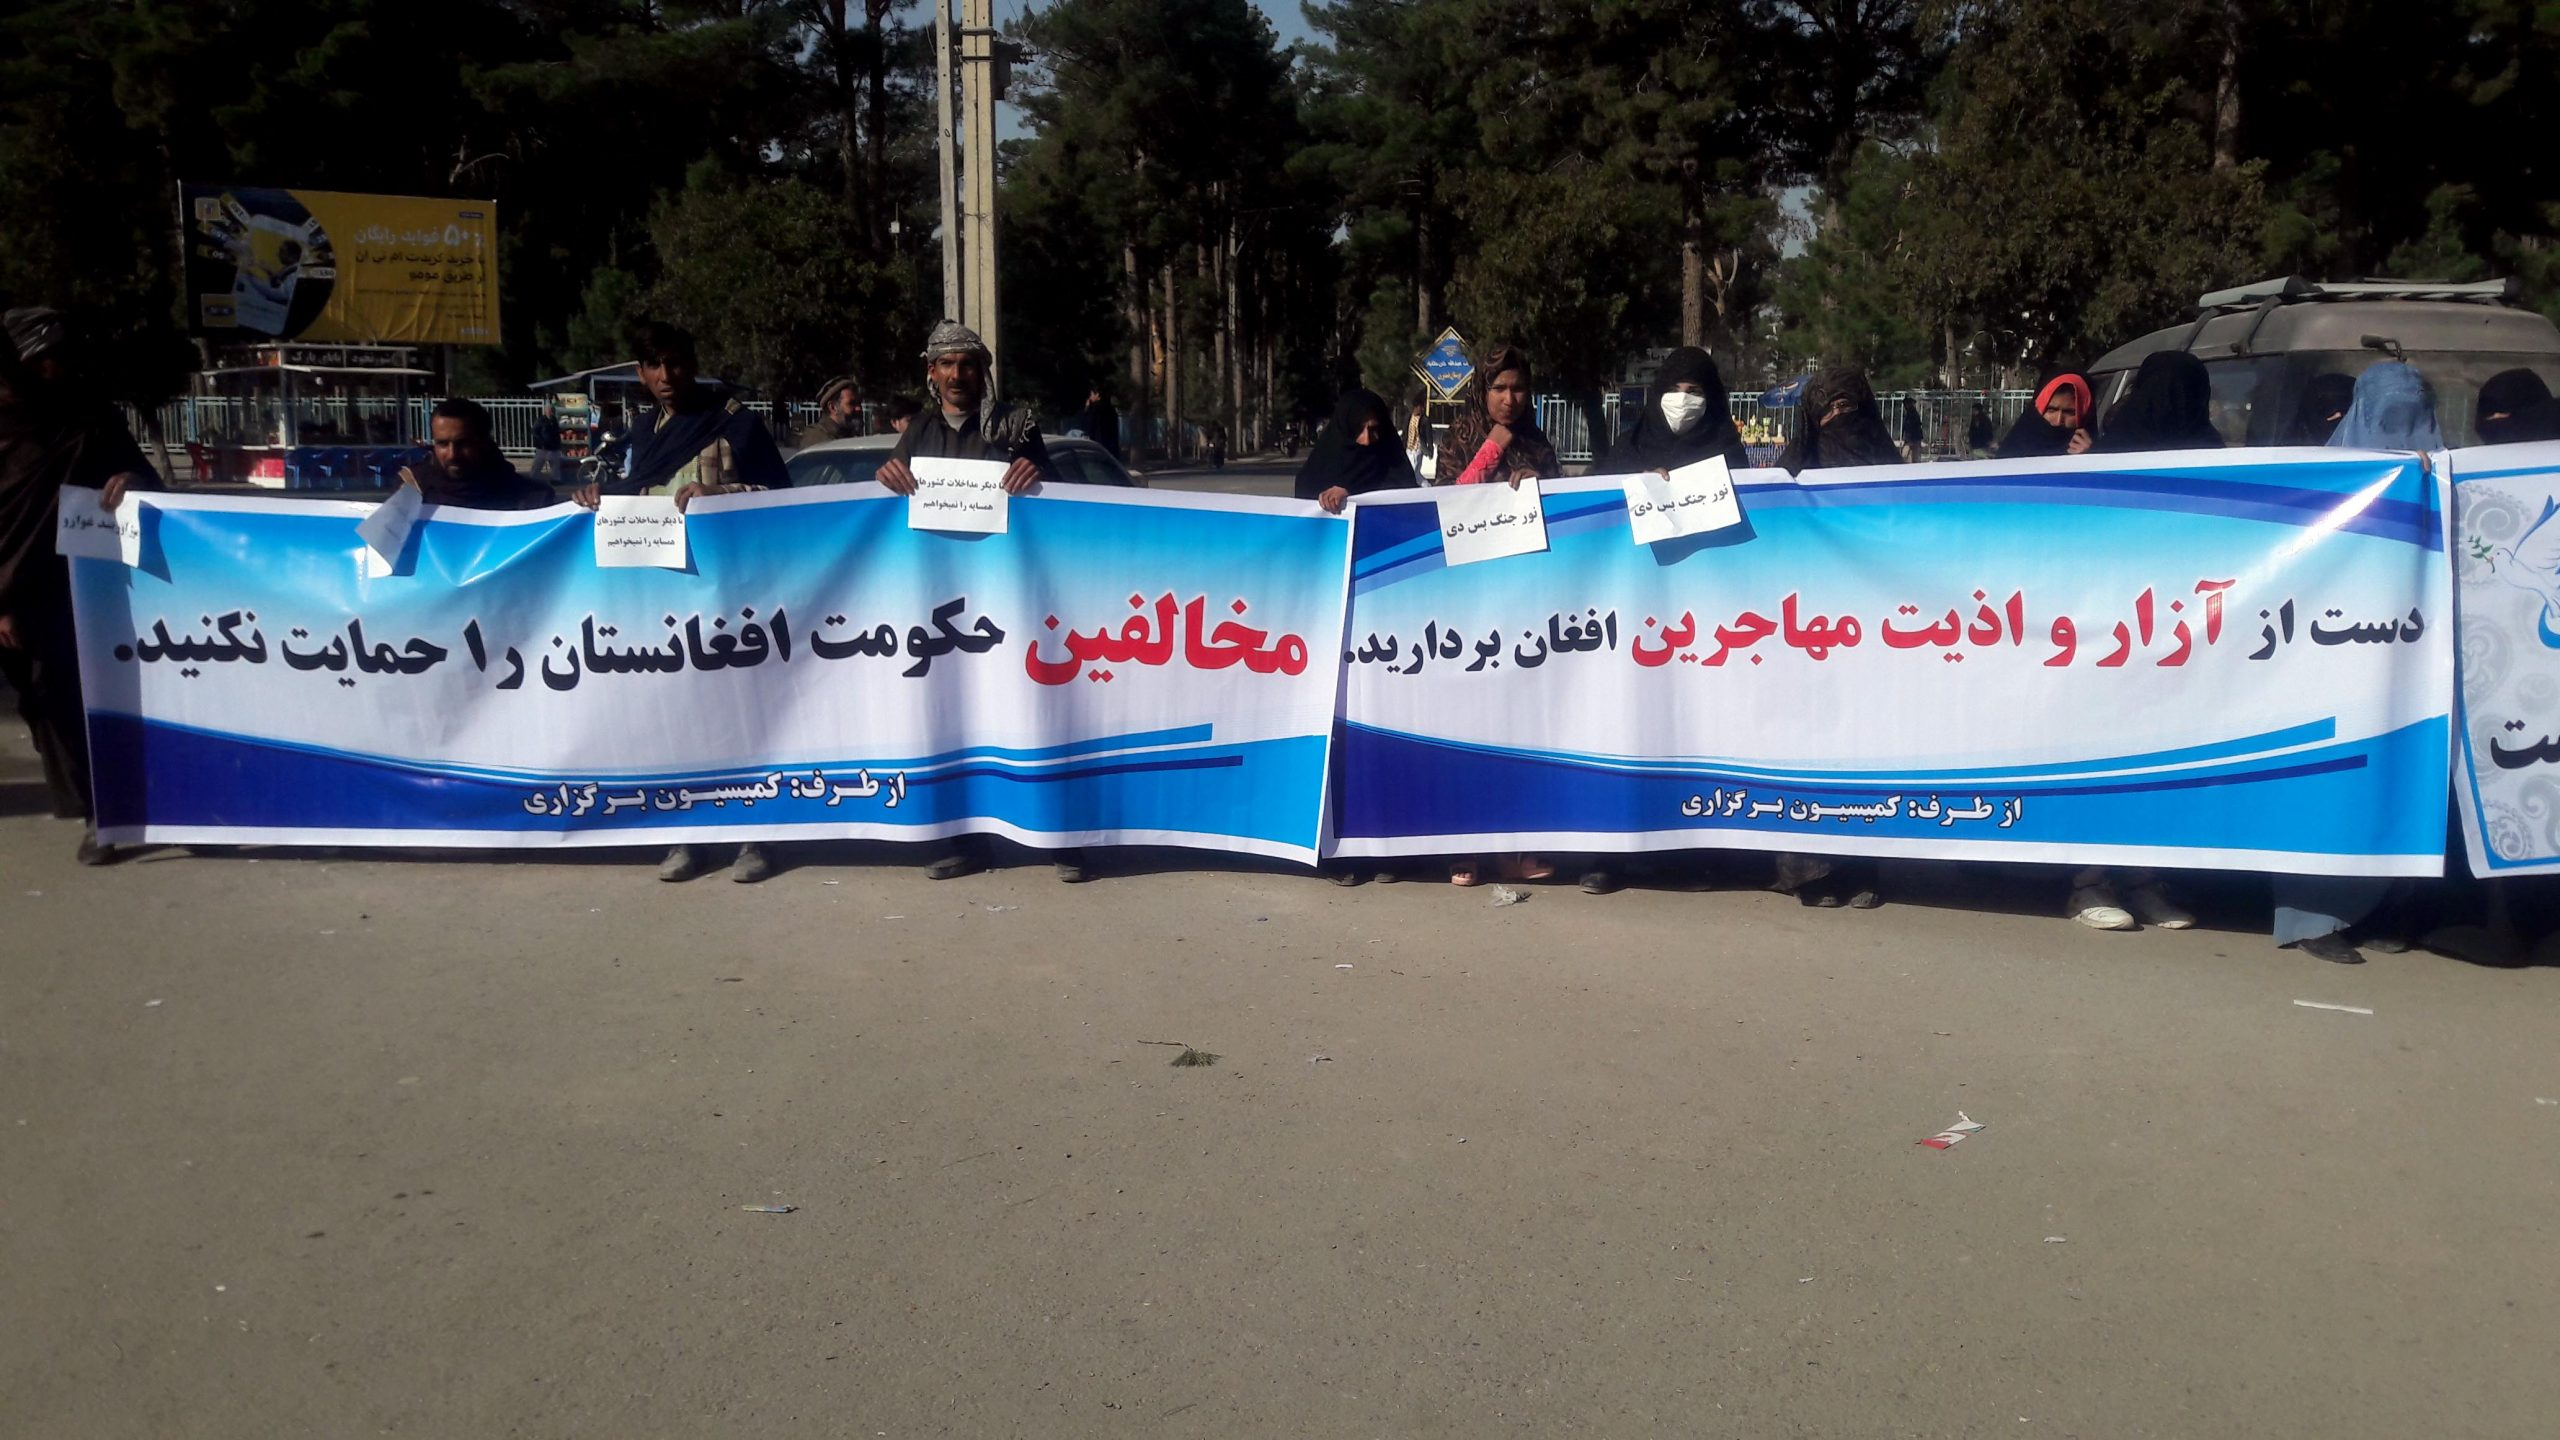 فعالان مدنی و مردم هرات از کاهش خشونتها در کشور استقبال کردند